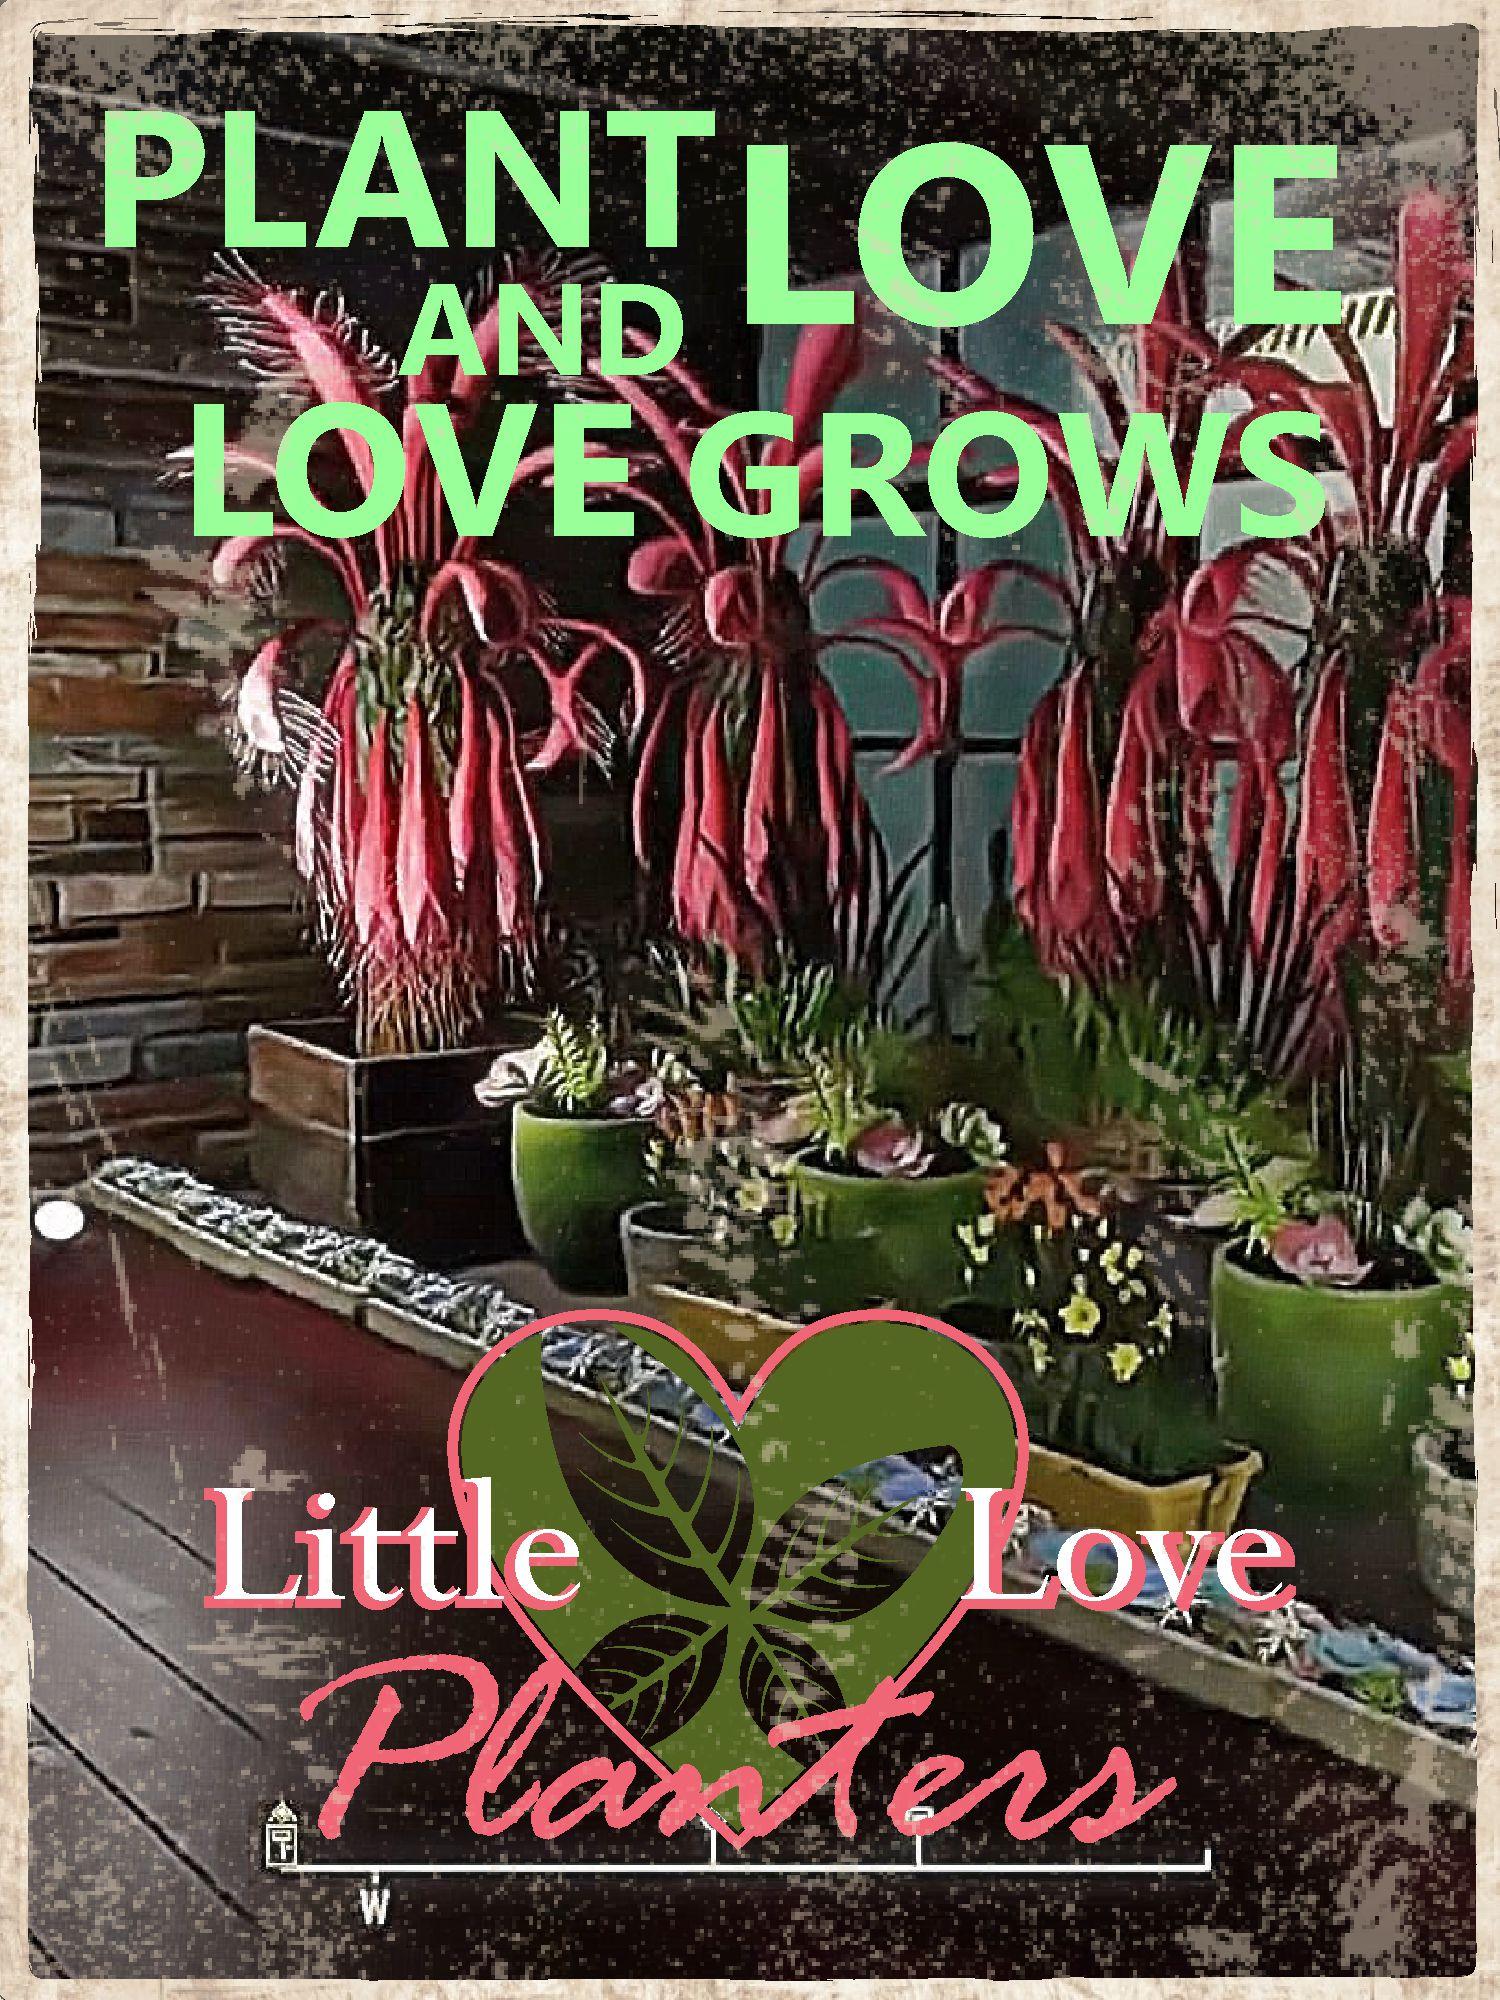 Little Love Planters